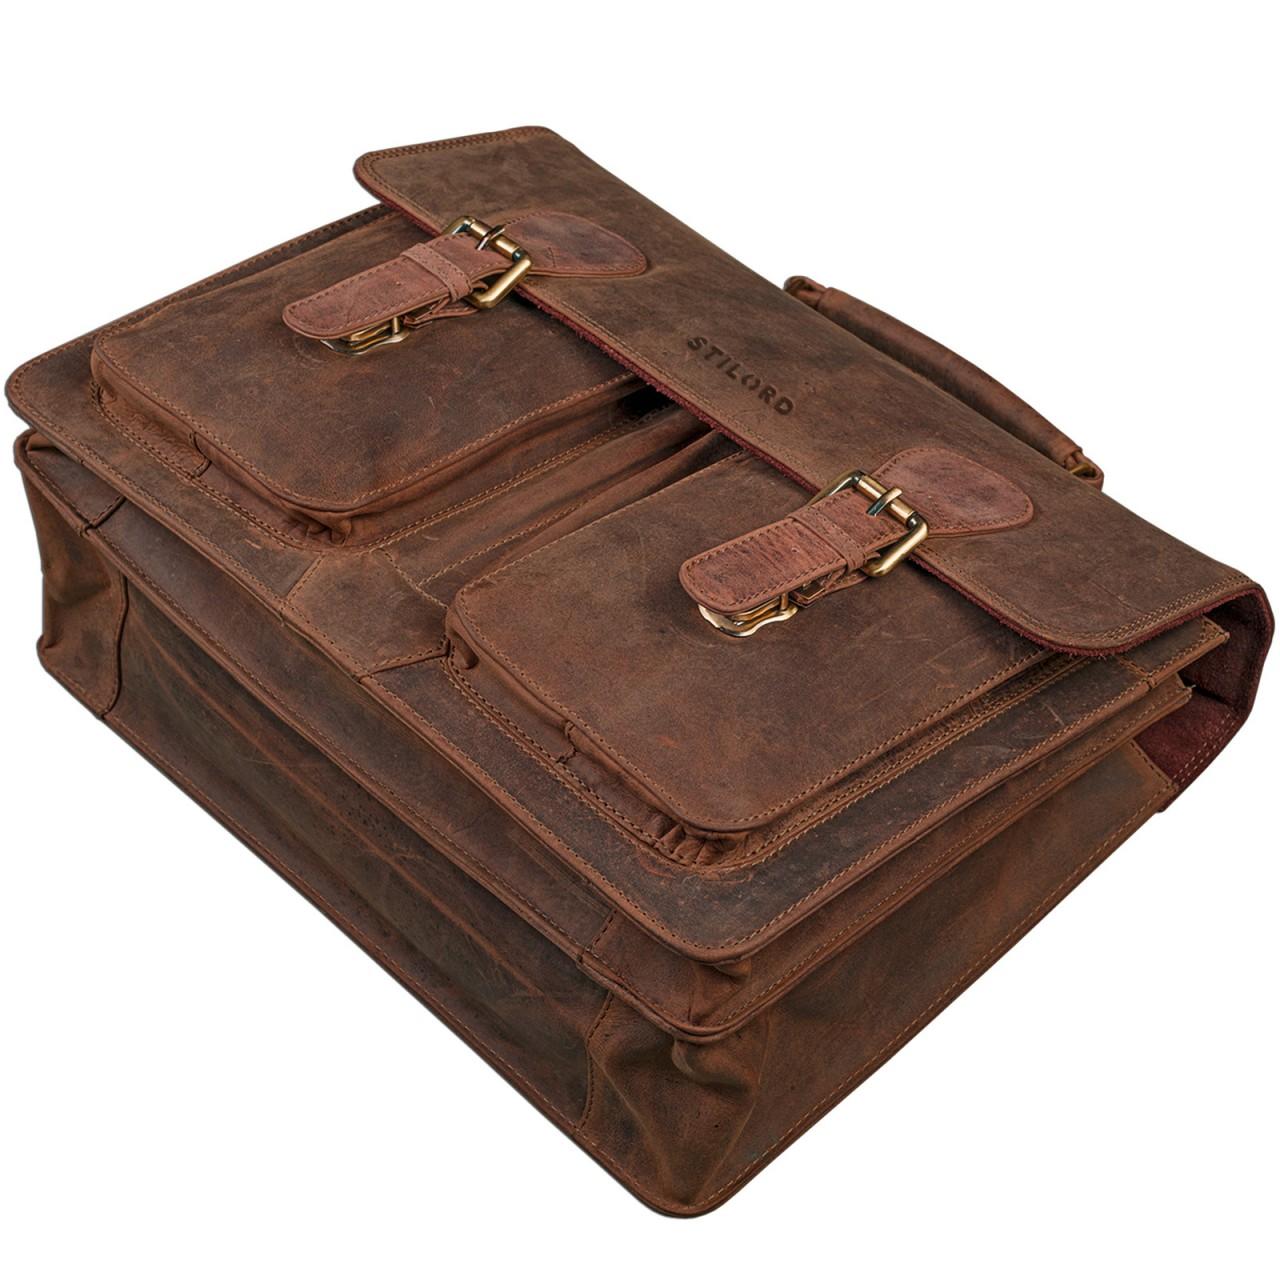 """STILORD """"Karl"""" Aktentasche Herren Lehrertasche Bürotasche Laptoptasche Umhängetasche XL Businesstasche Vintage groß aus echtem Leder  - Bild 4"""